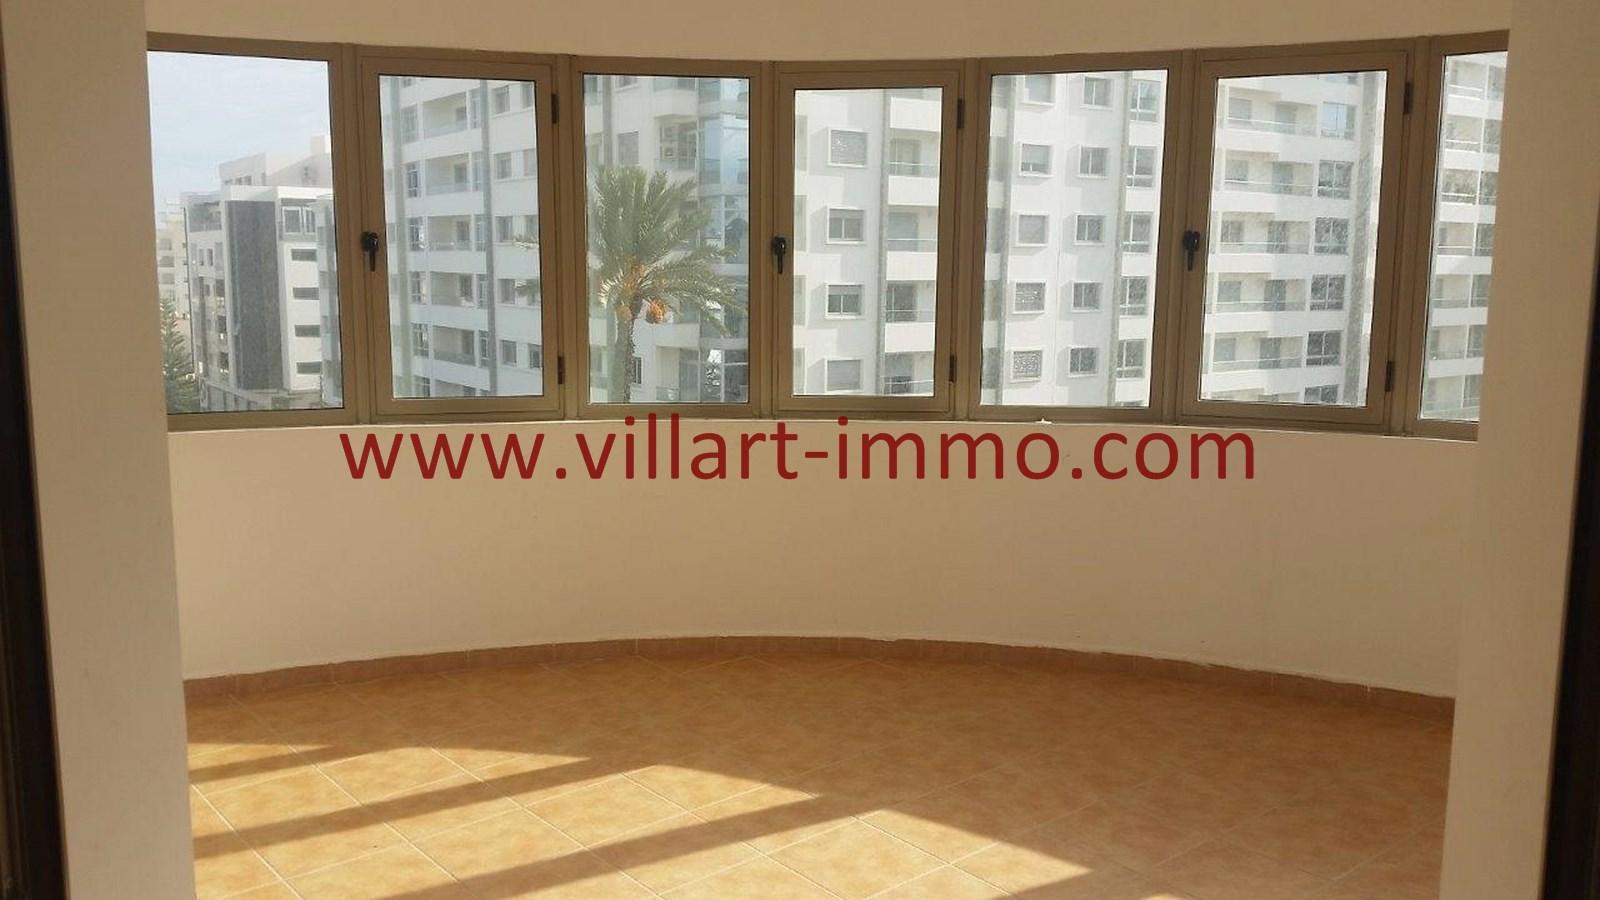 5-a-louer-appartement-tanger-iberia-salon-l907-villart-immo